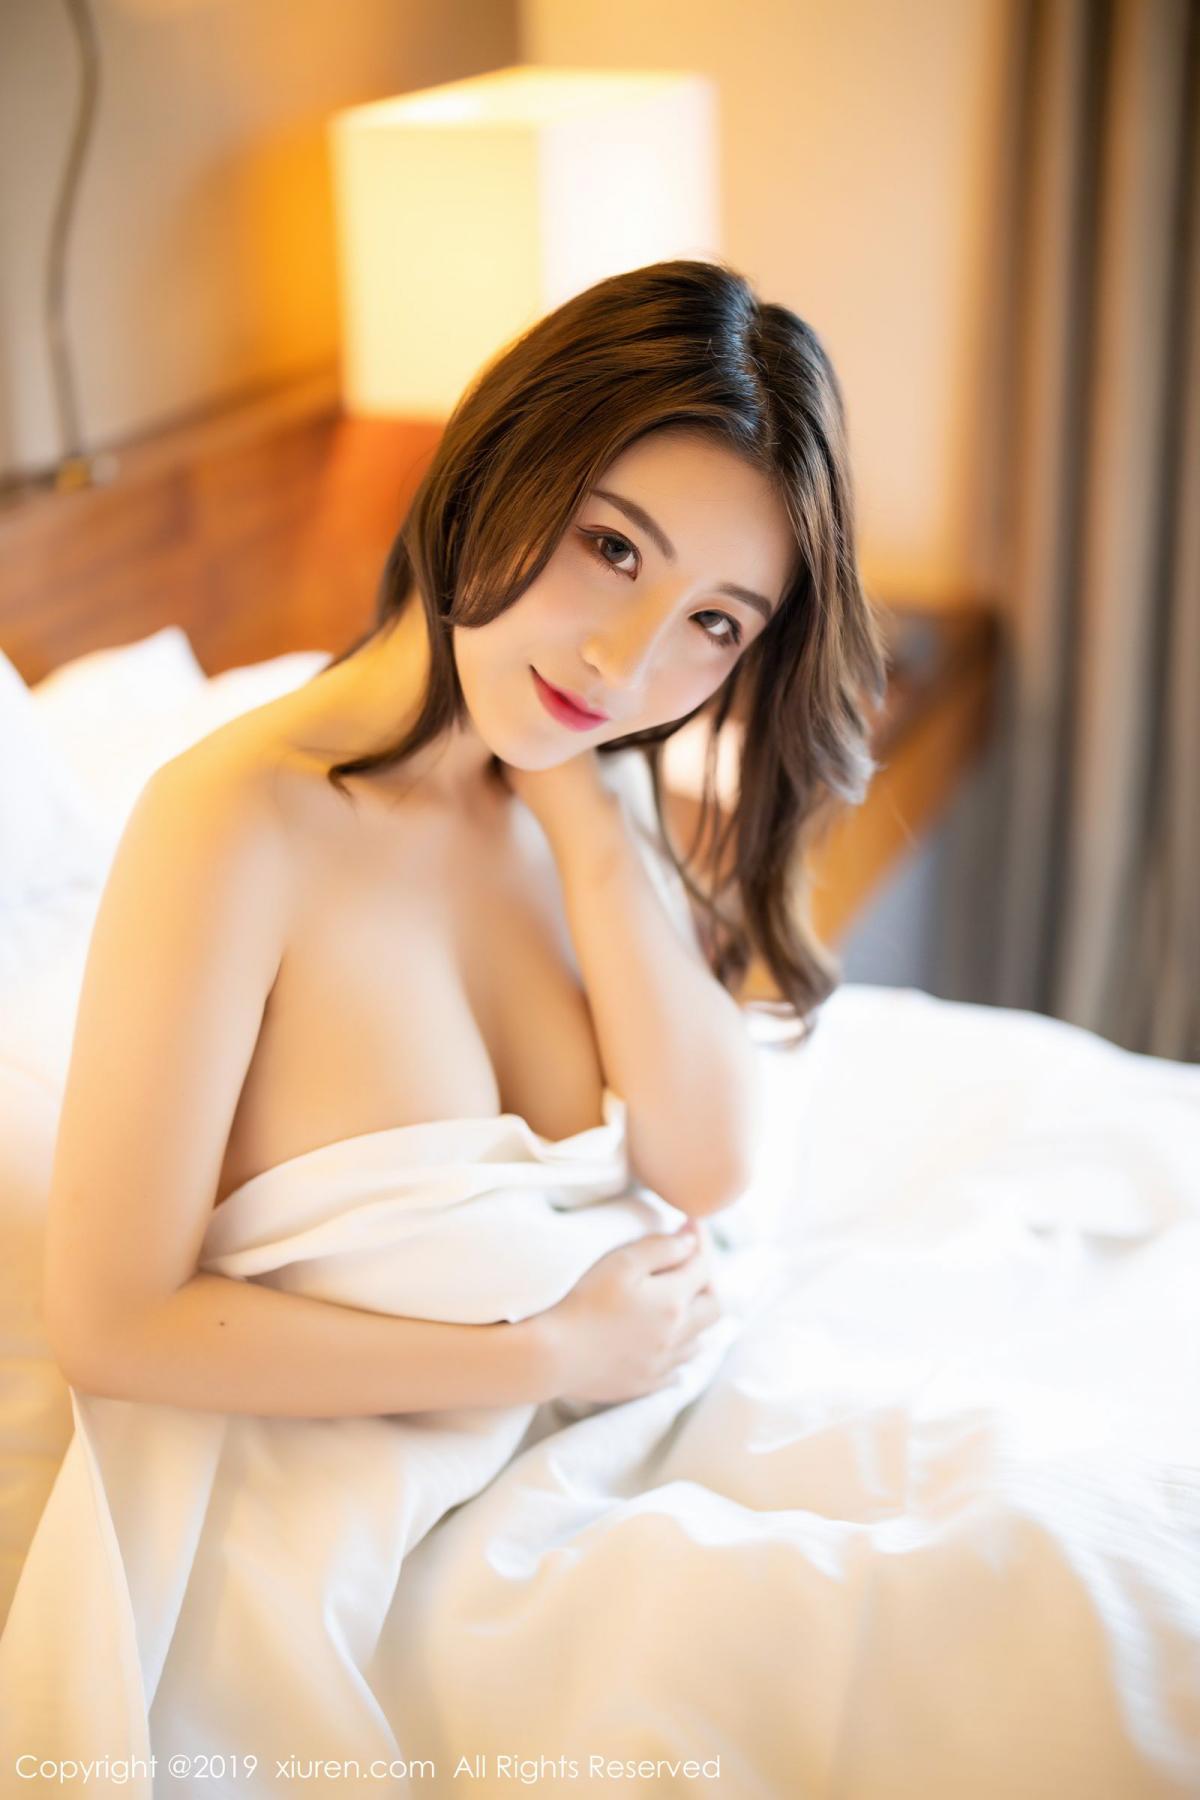 [XiaoYu] Vol.1697 Xie Zhi Xin 84P, Home, Sexy, XiaoYu, Xie Zhi Xin